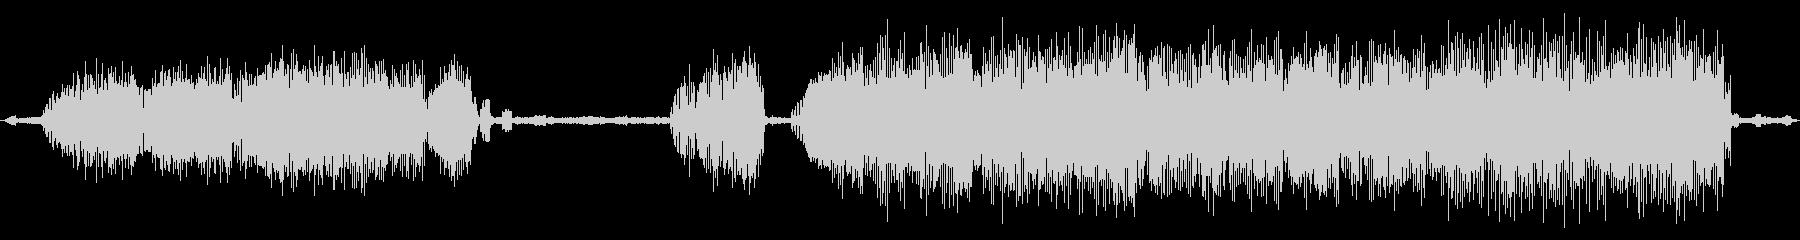 環境音 ウォーターホールナイトバー...の未再生の波形